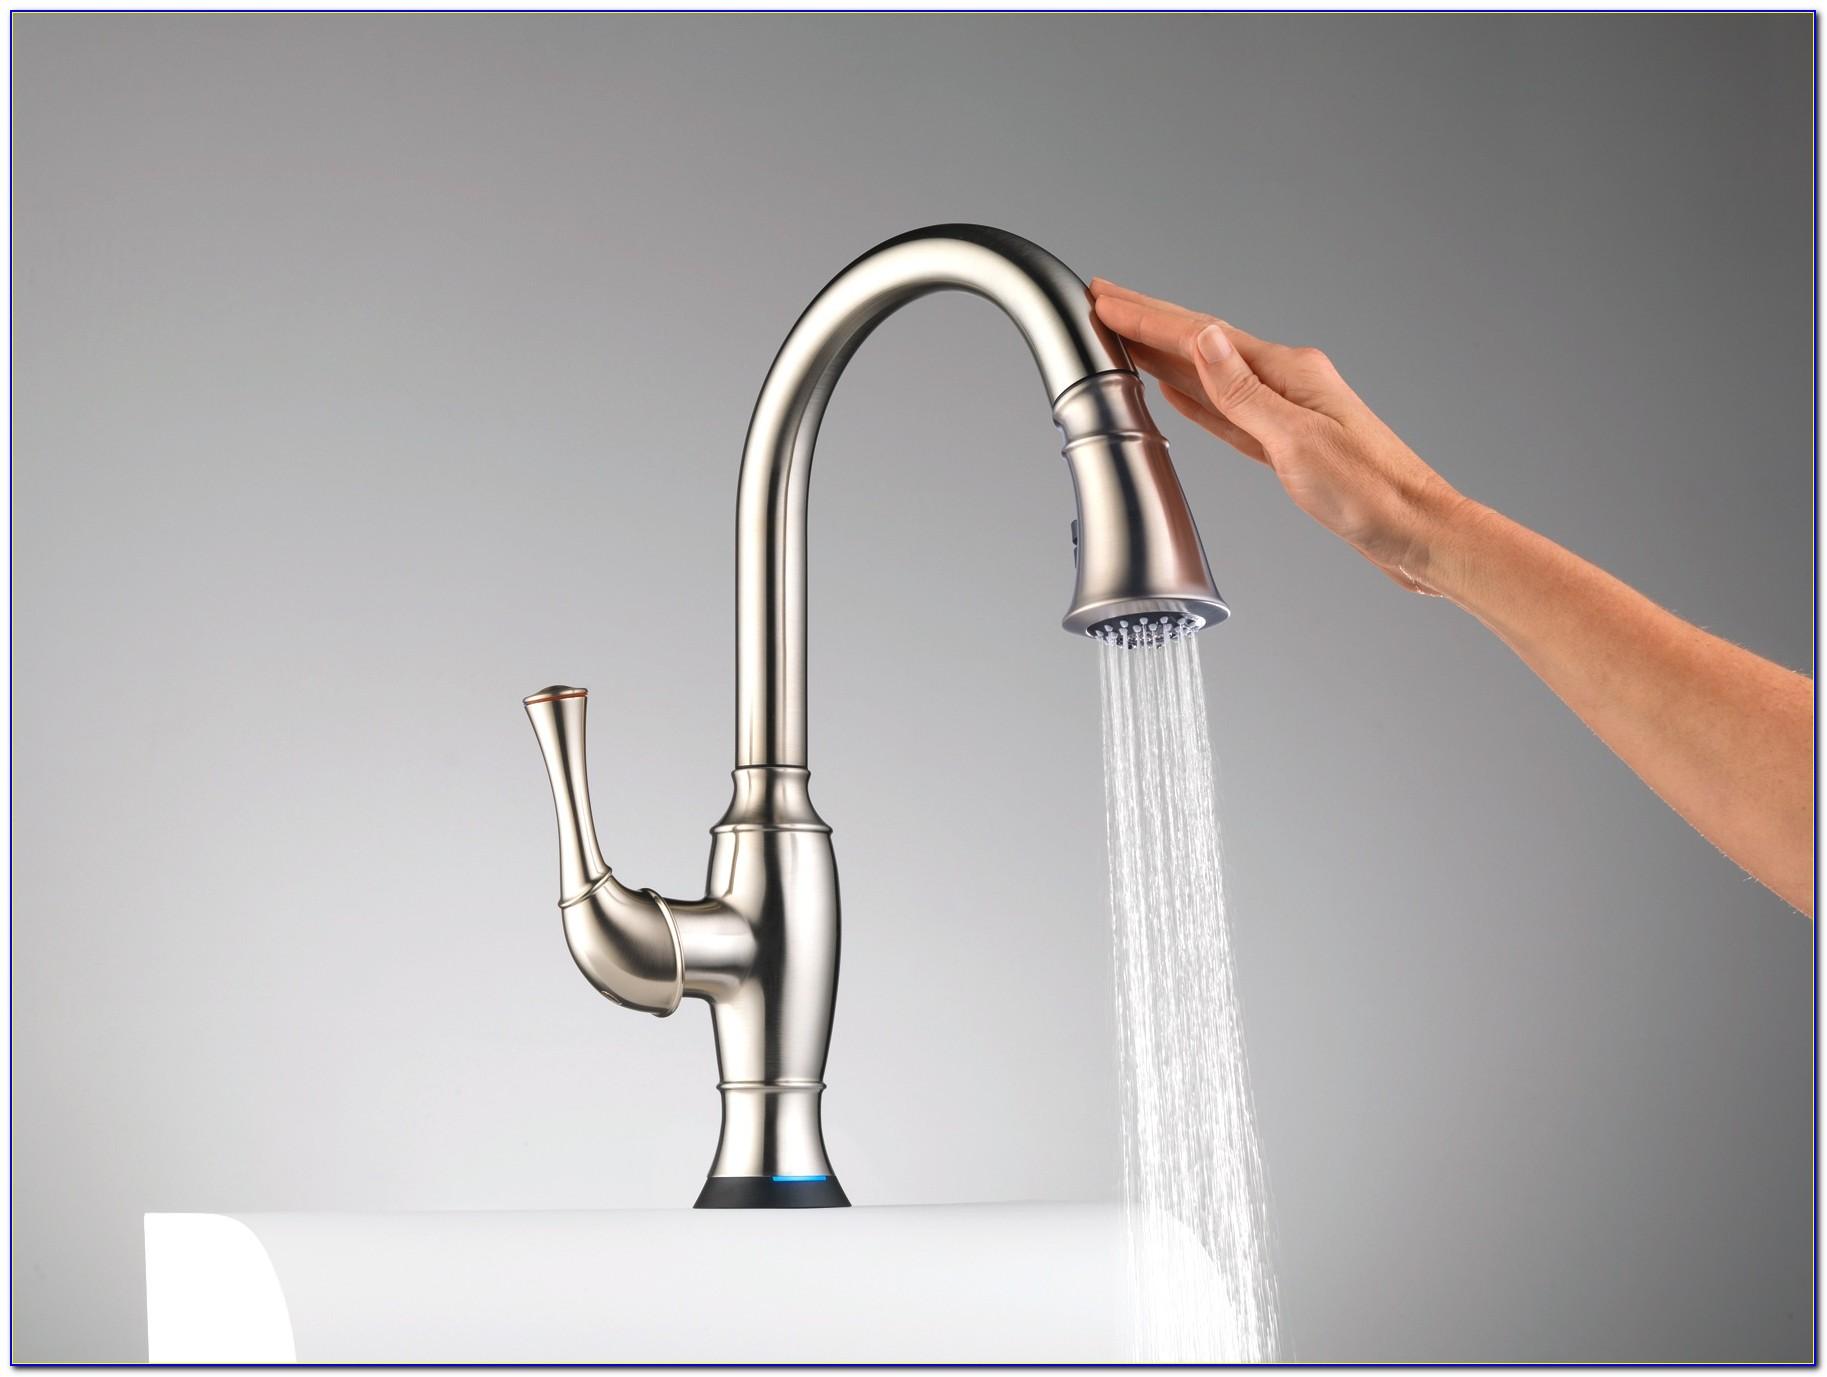 Moen Touch Sensor Kitchen Faucet